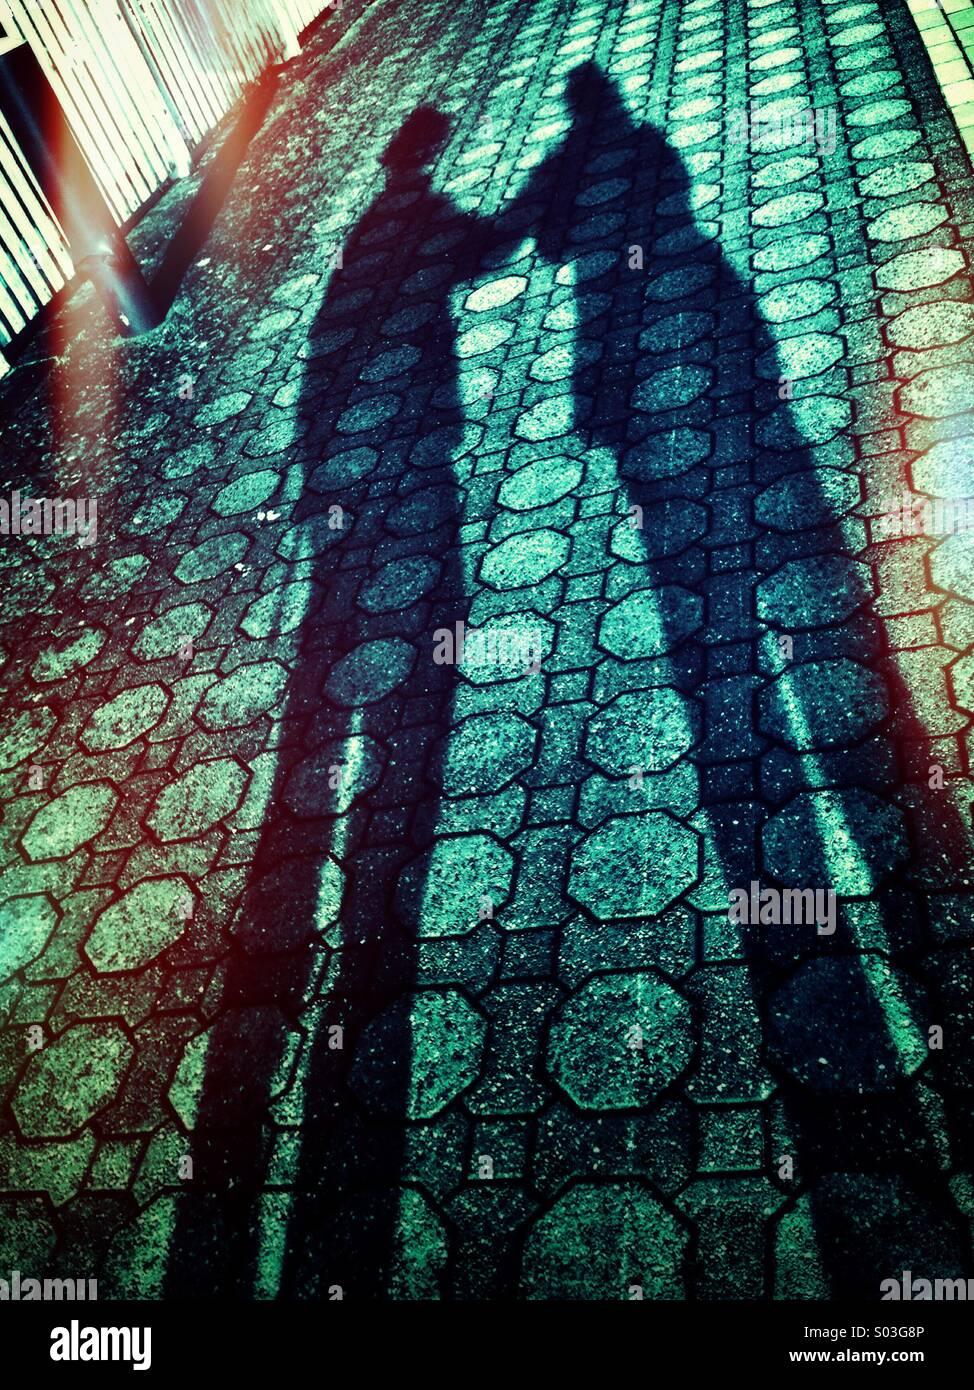 Shadows united - Stock Image